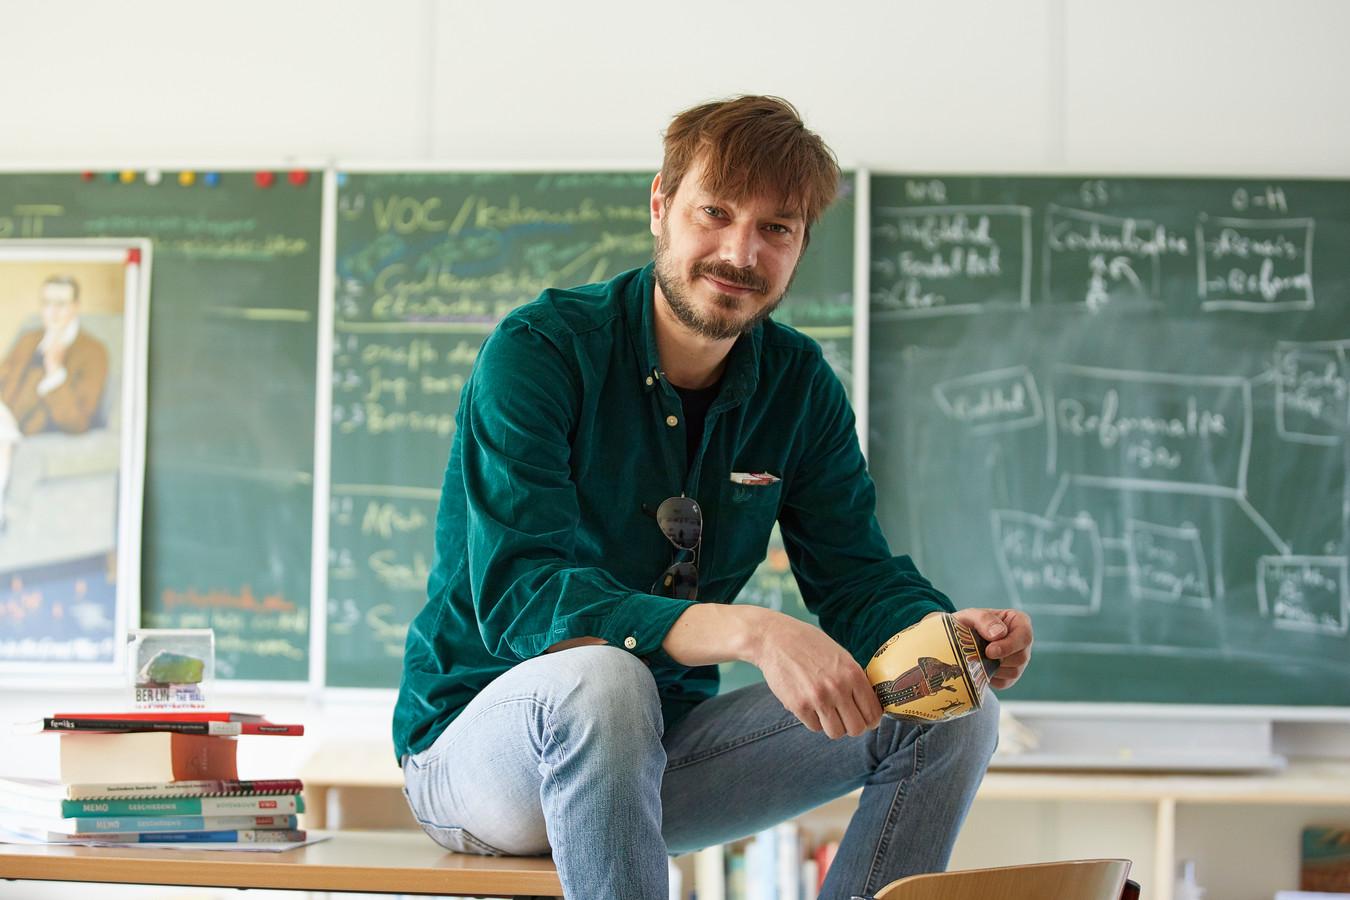 Geschiedenisleraar Jonathan van Nieukerken uit Zutphen is genomineerd voor beste geschiedenisleraar van Nederland.